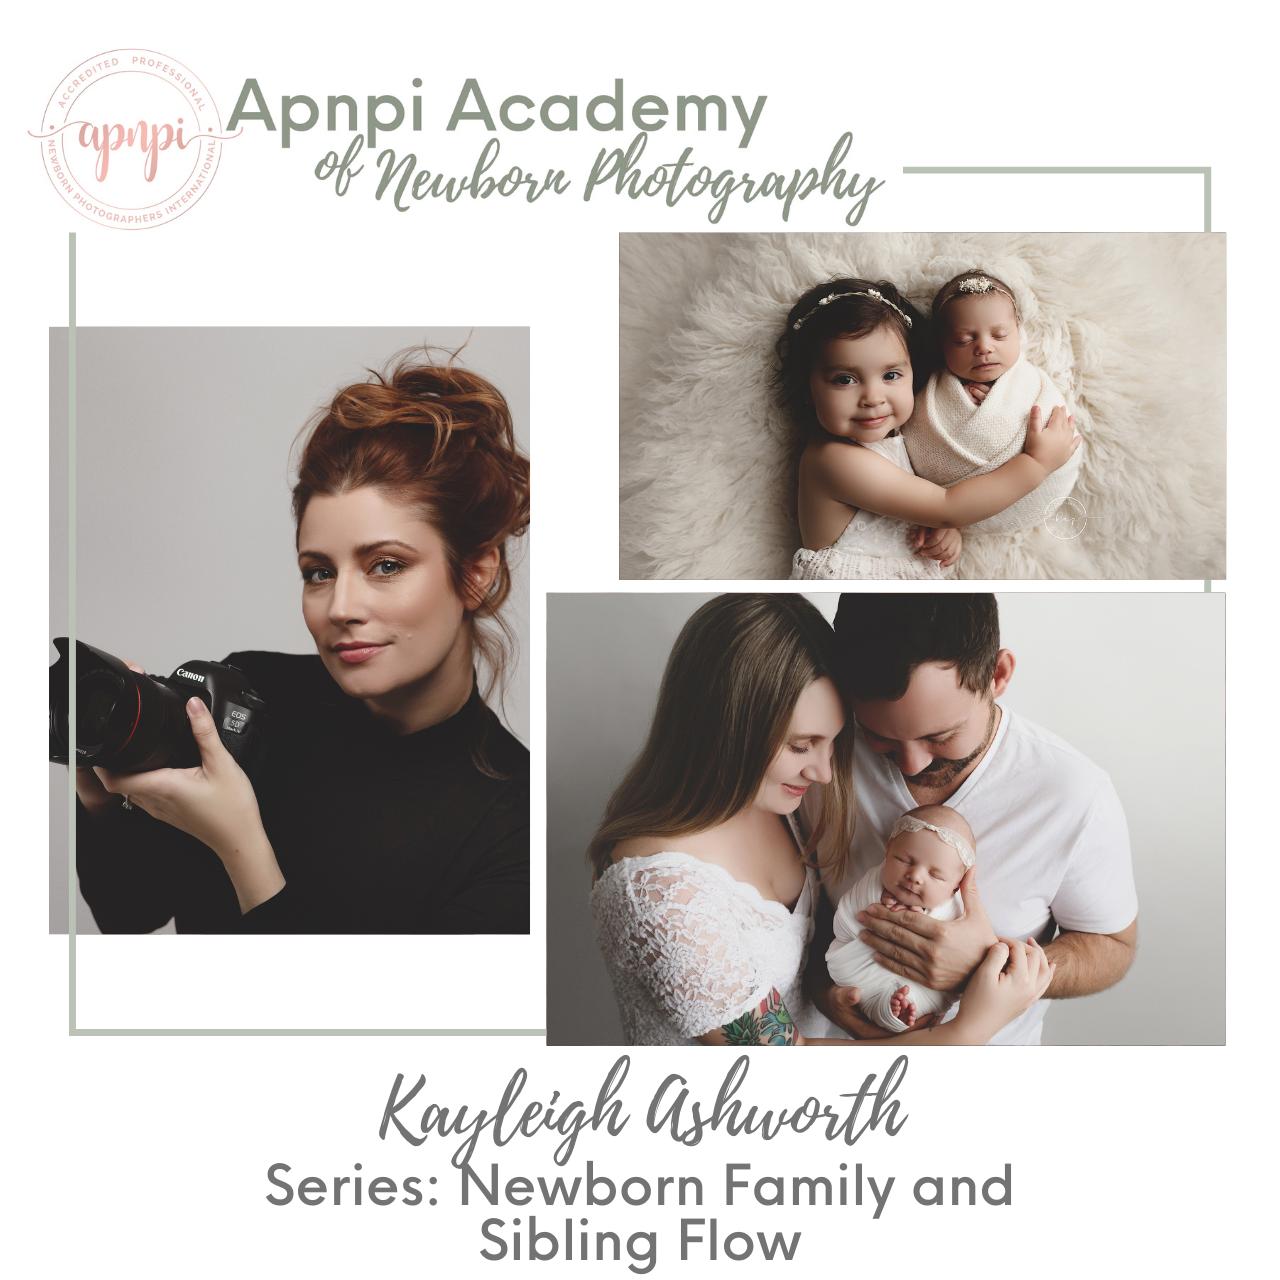 Kayleigh Ashworth Newborn Family Flow APNPI Academy Course